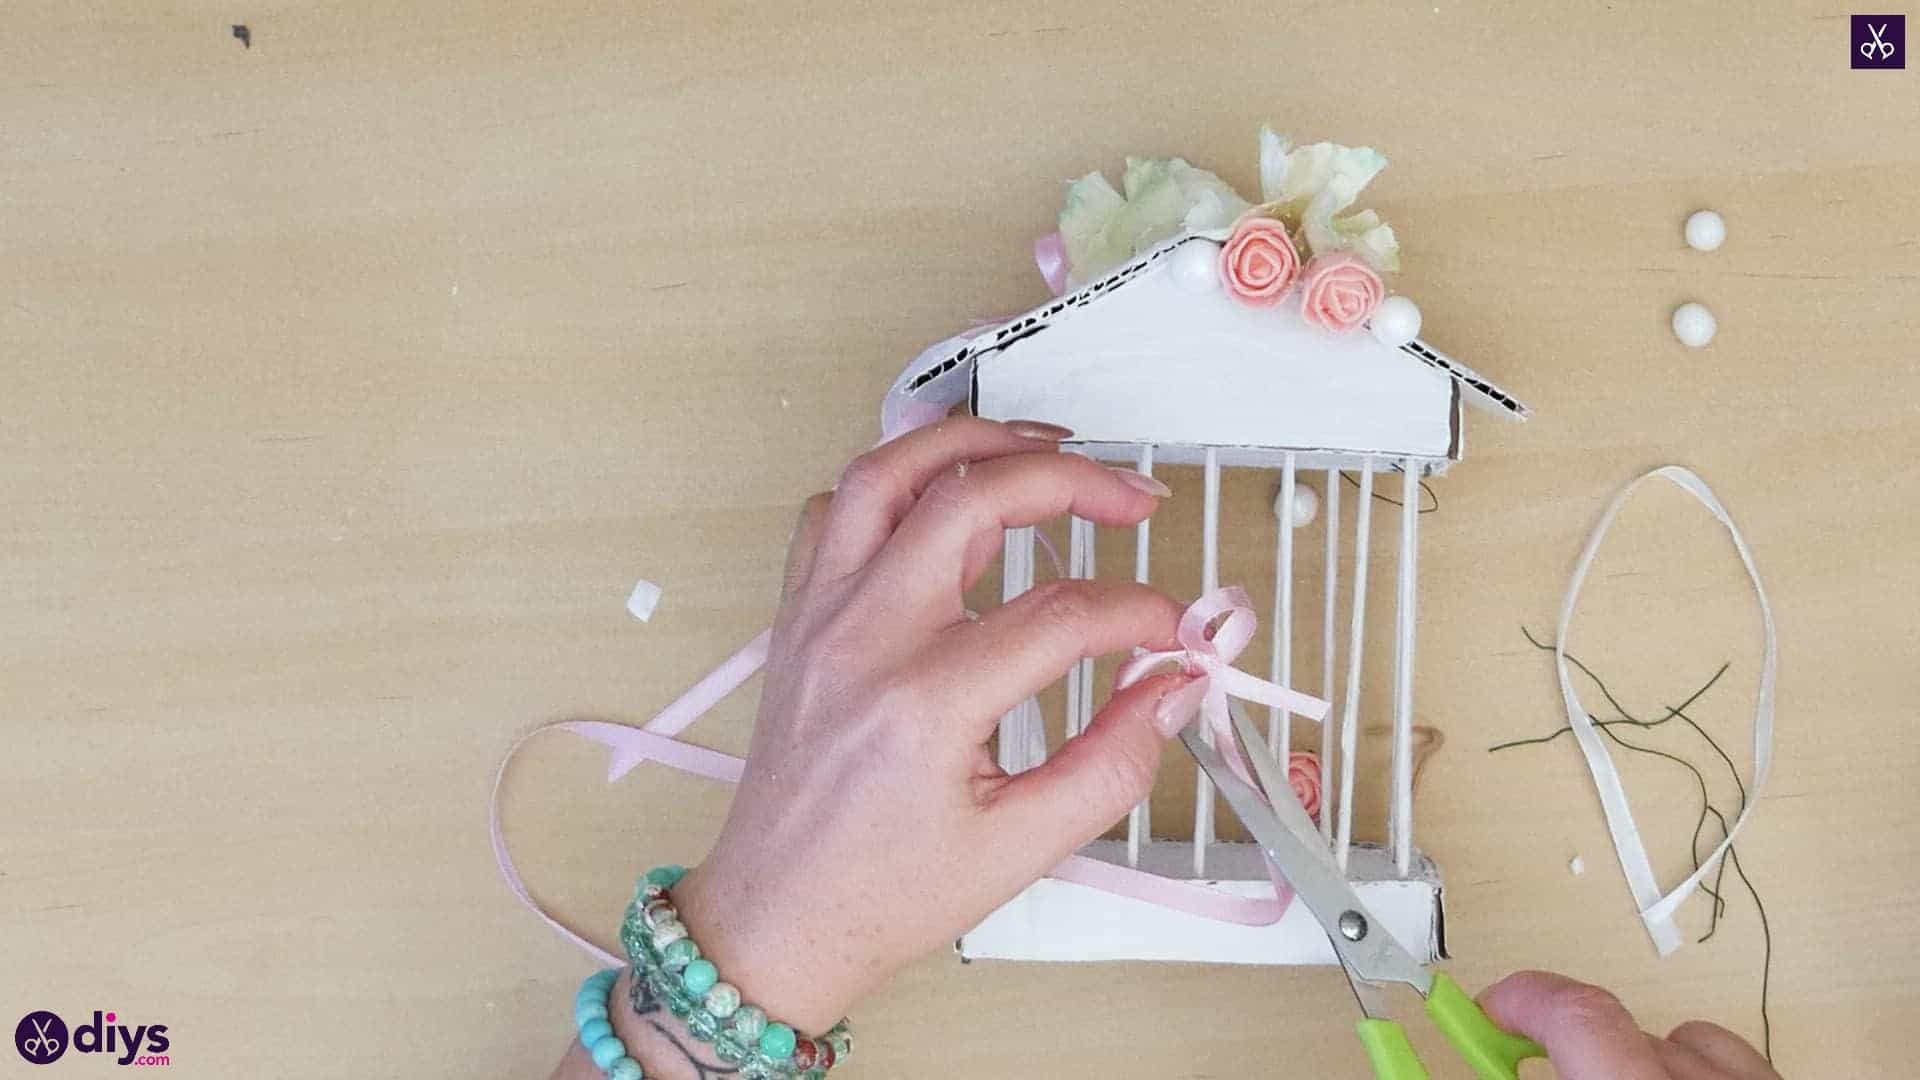 Diy miniature cage centerpiece step 10m